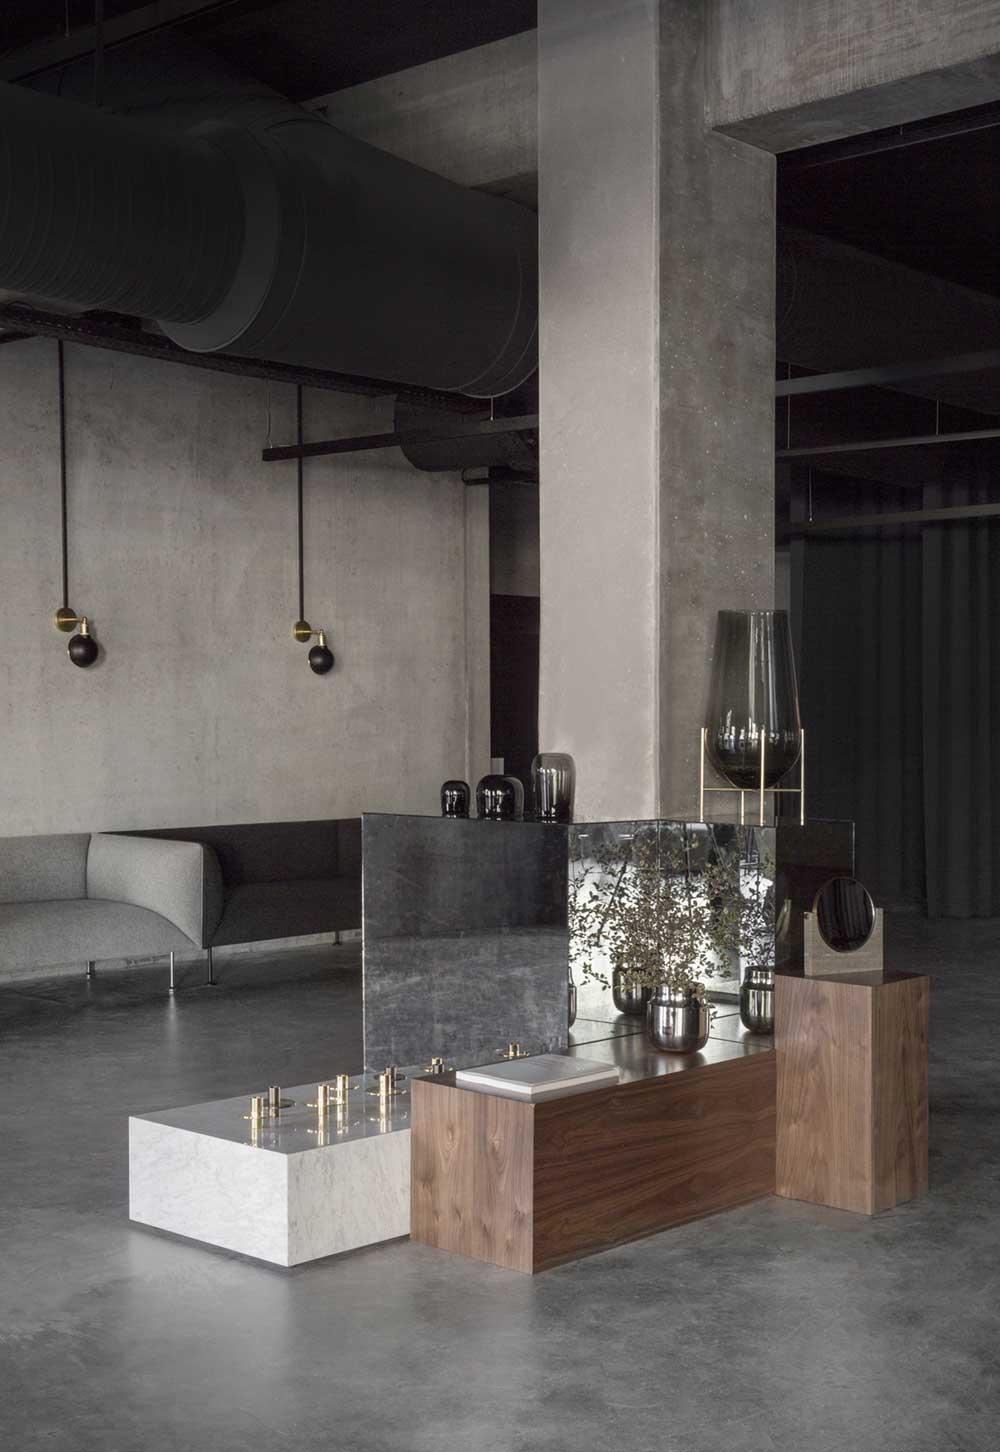 danish design menu showroom 5 - Menu Space Showroom